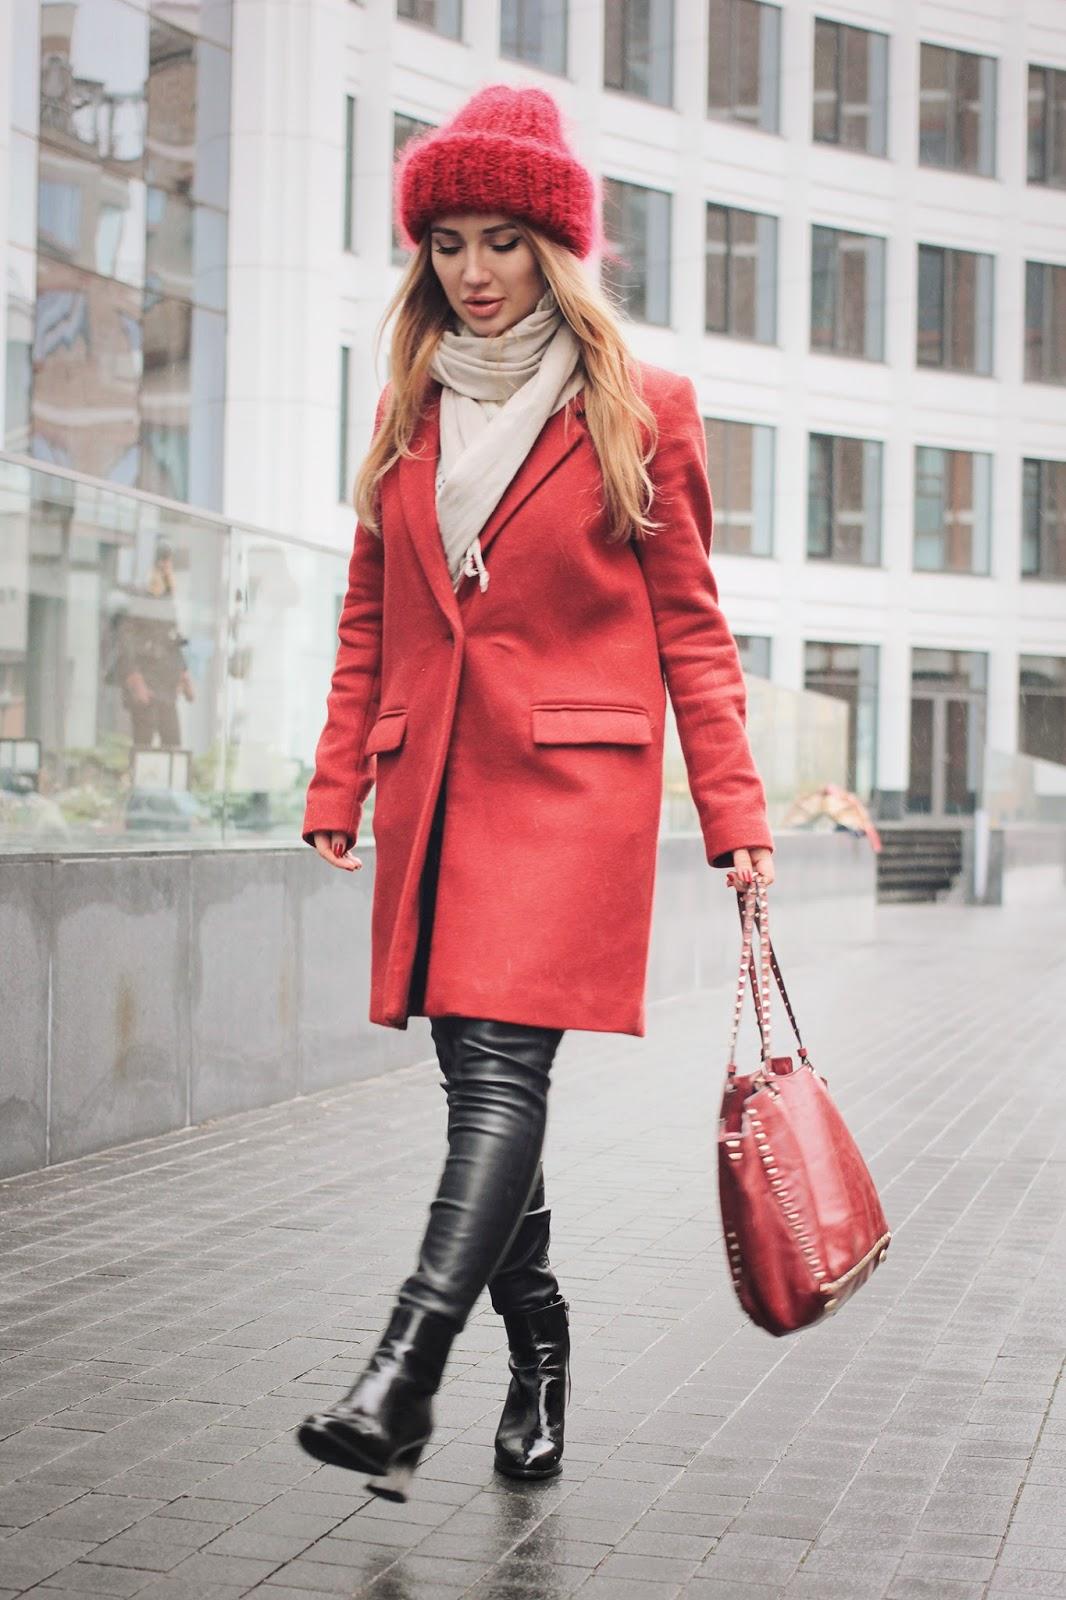 модные блоггеры зима 2016, модный блог, блоггер 2016, блоггер россия